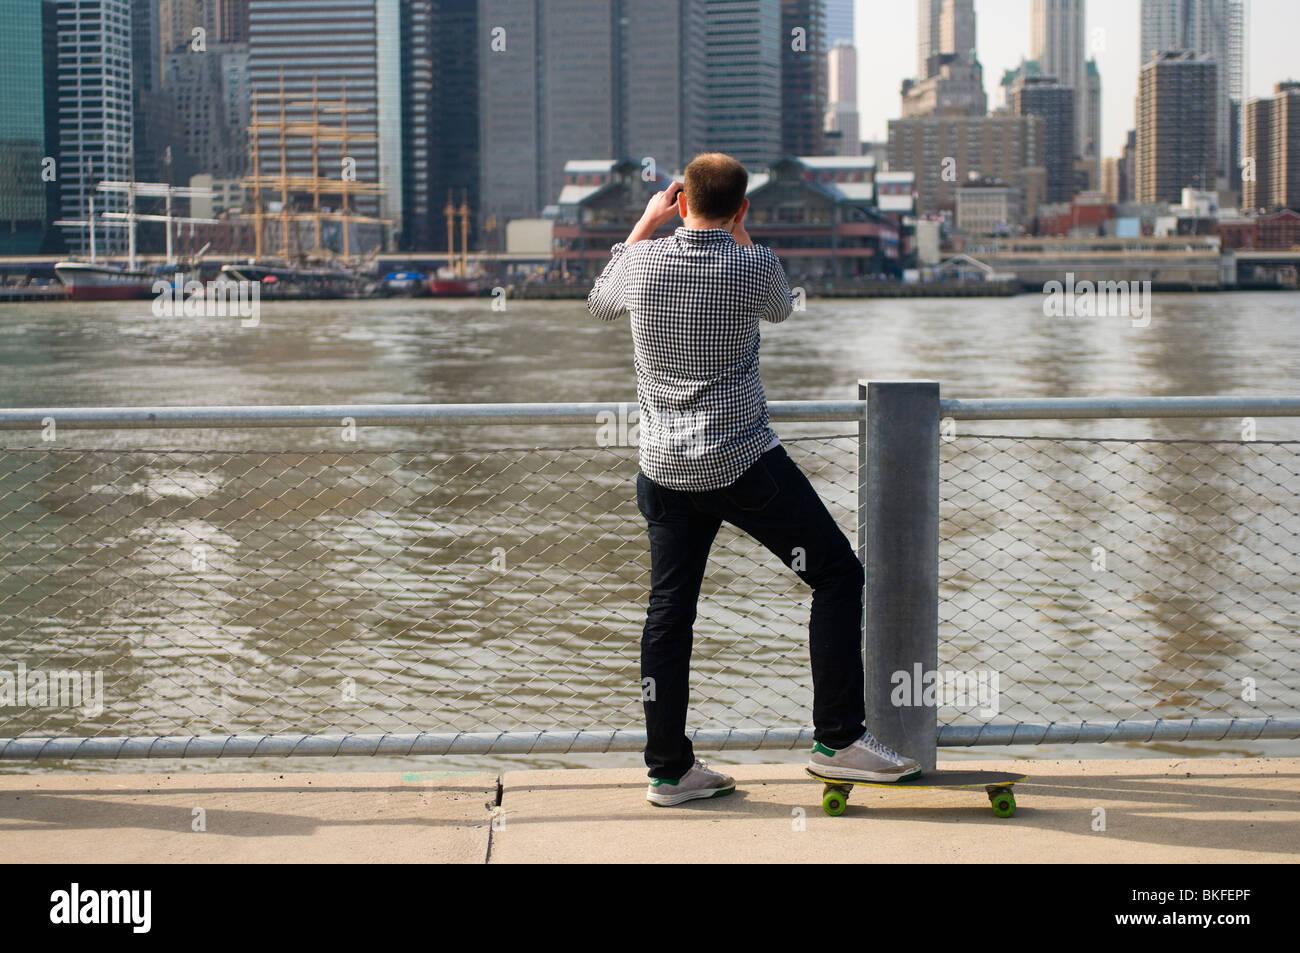 Brooklyn NY - Aprile 2010 - Uomo su uno skateboard prende uno snapshot del South Street Seaport, dal recentemente Immagini Stock